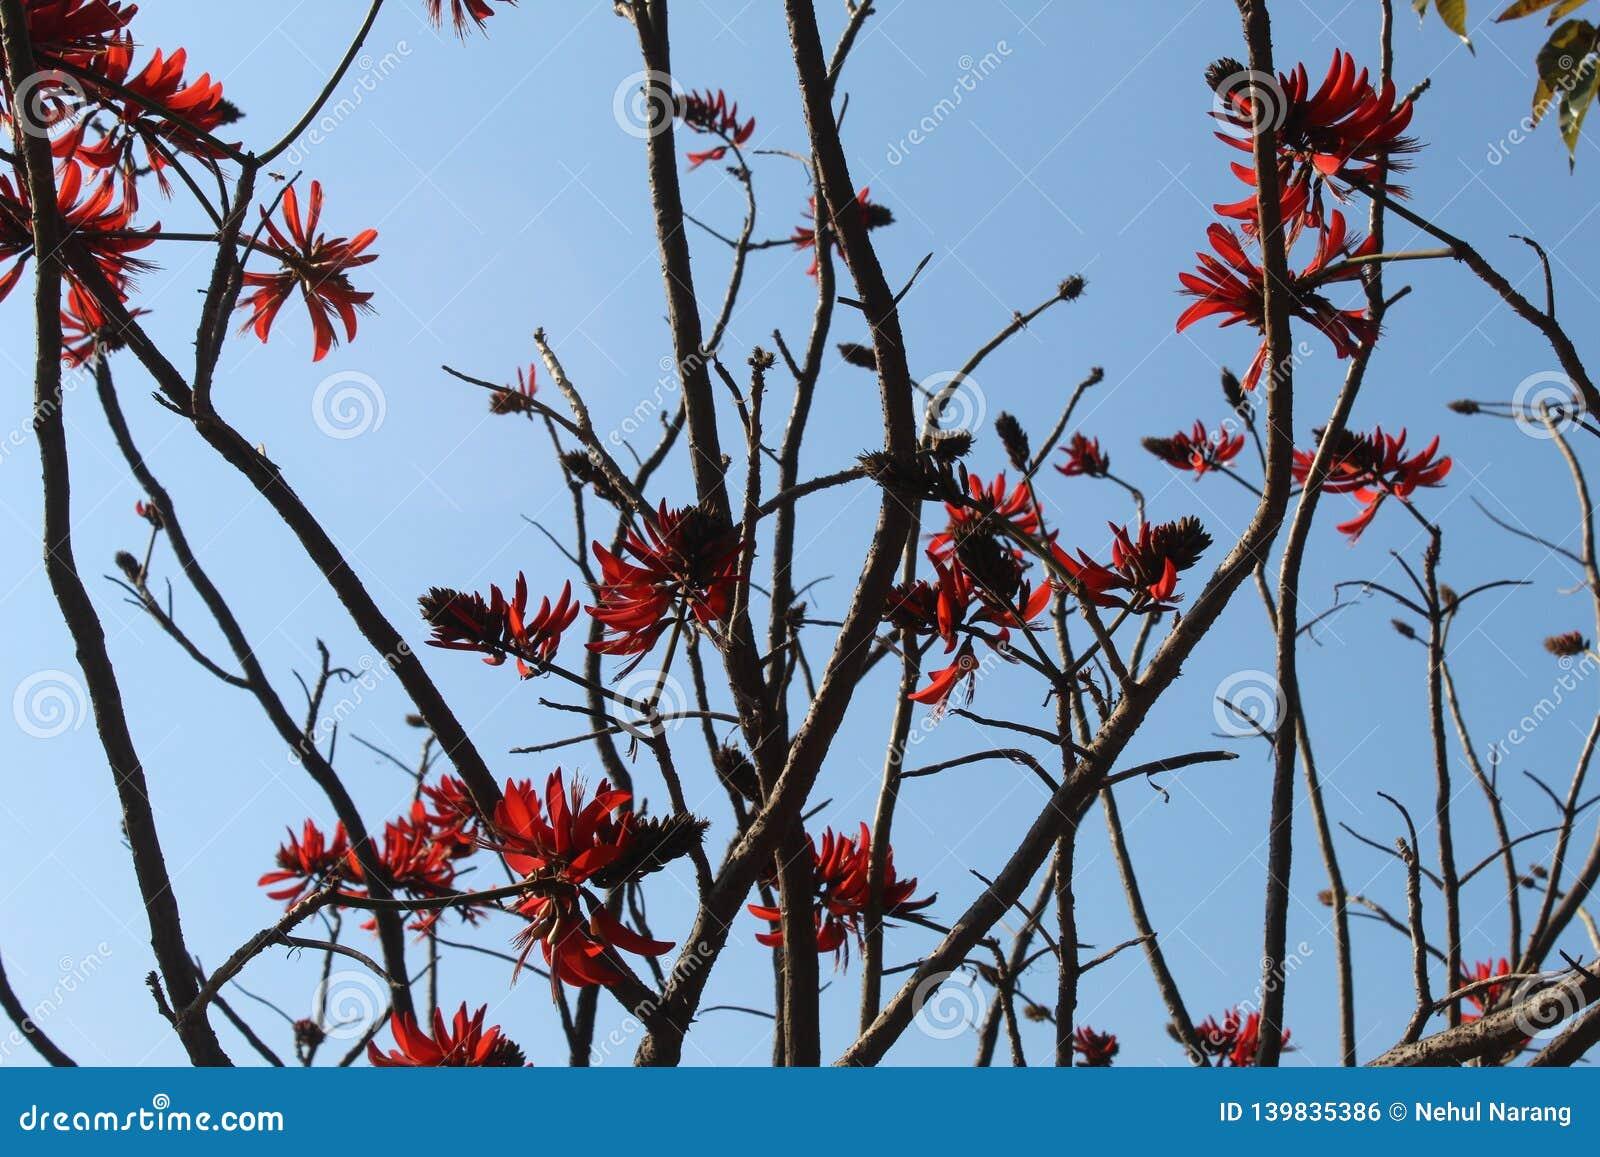 Ein Bündel einzigartige rote Blumen, die an einem Baum hängen